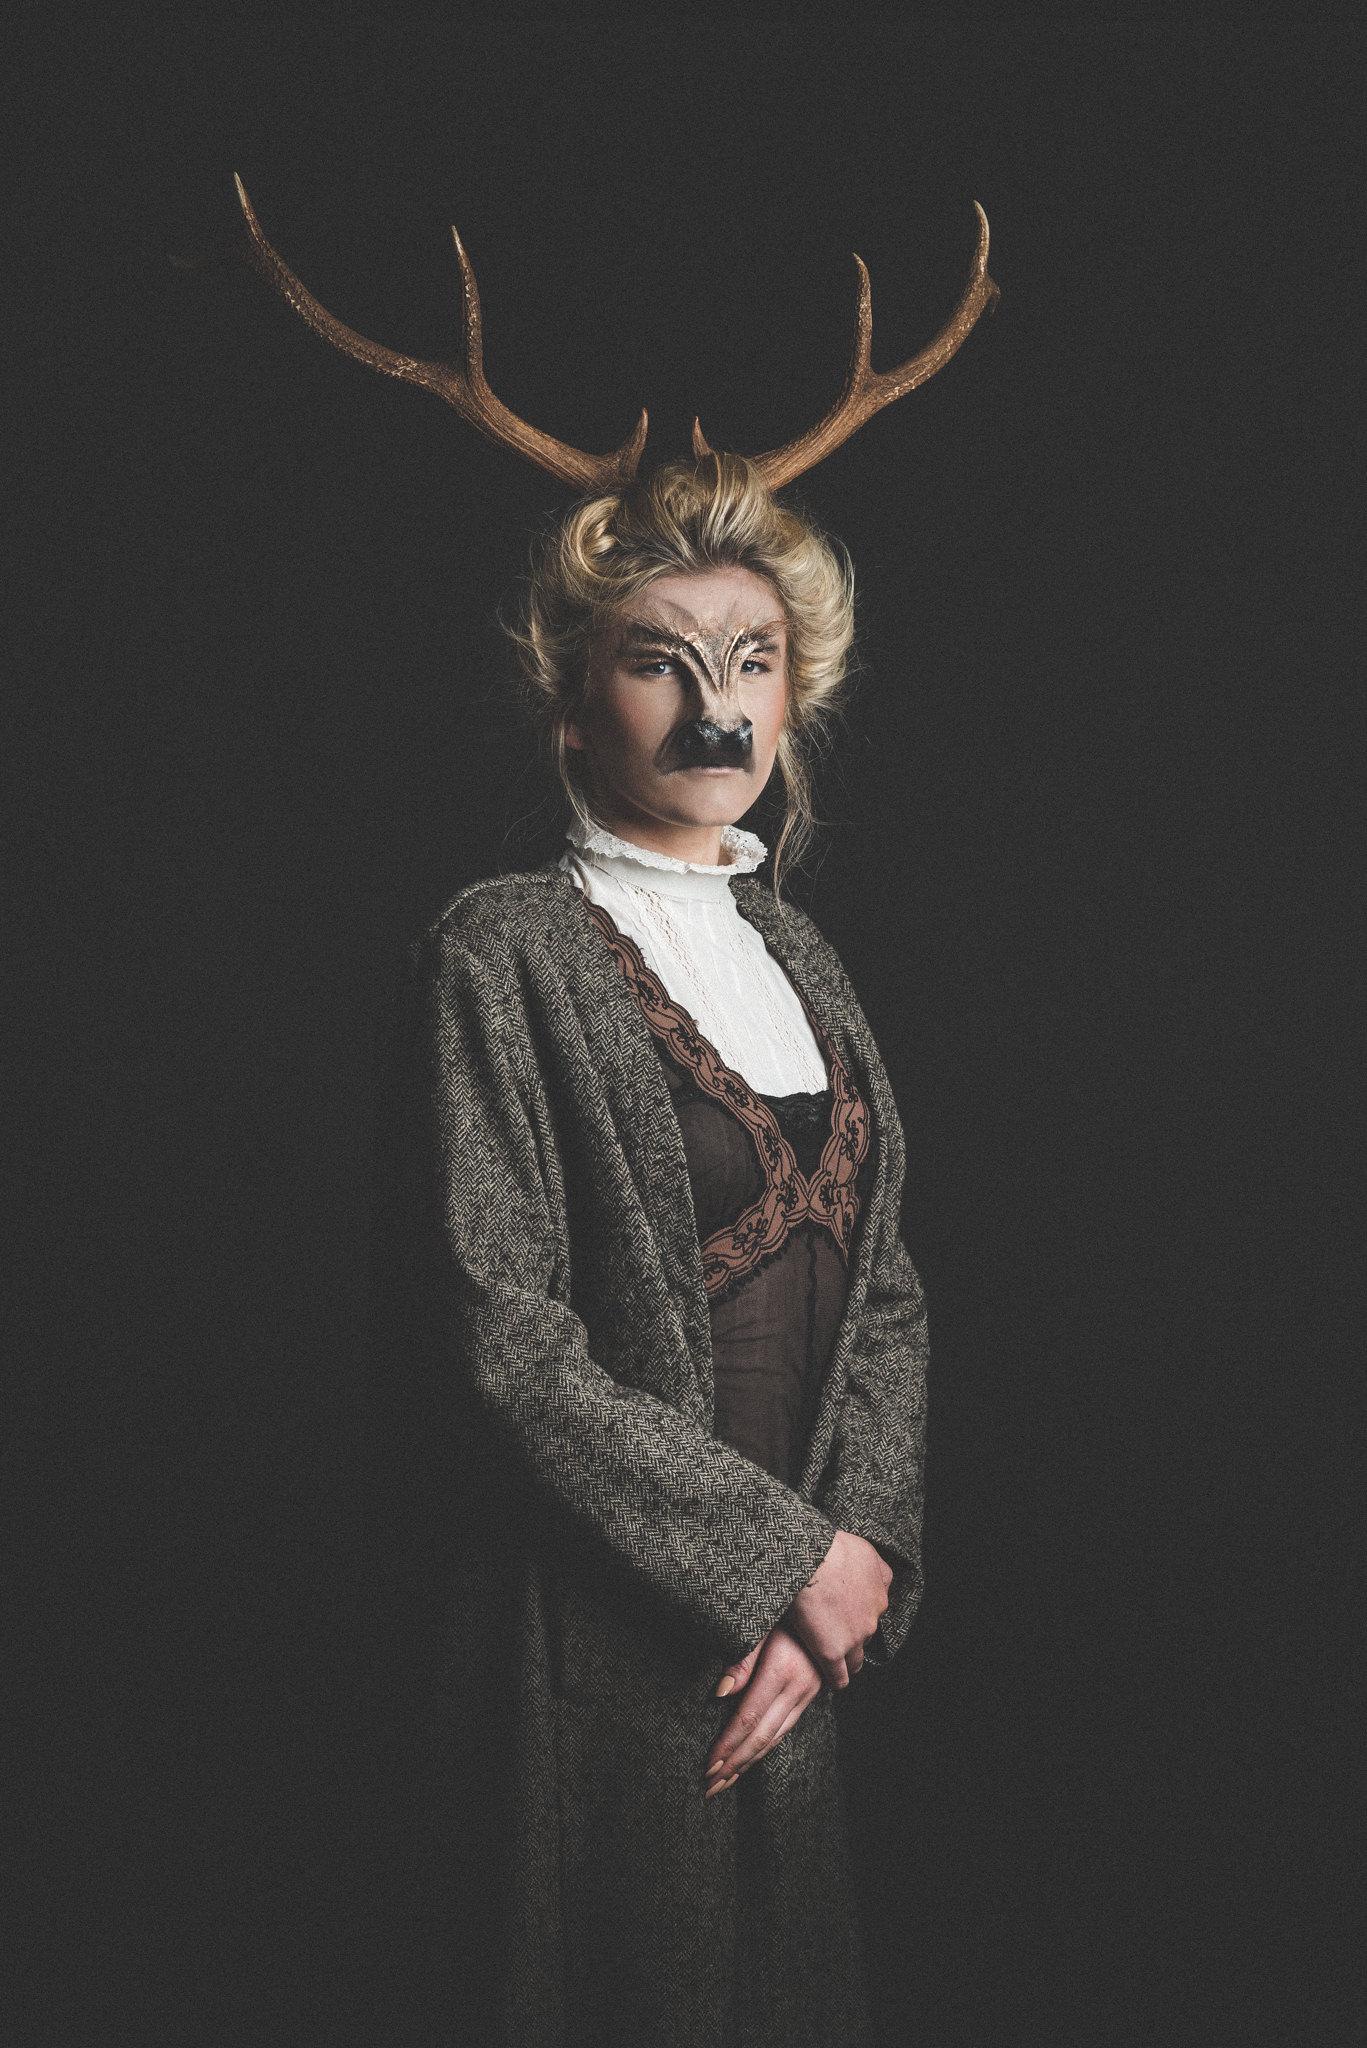 Animal-Instinct-Deer-20170413-0050-Kris-Askey.jpg